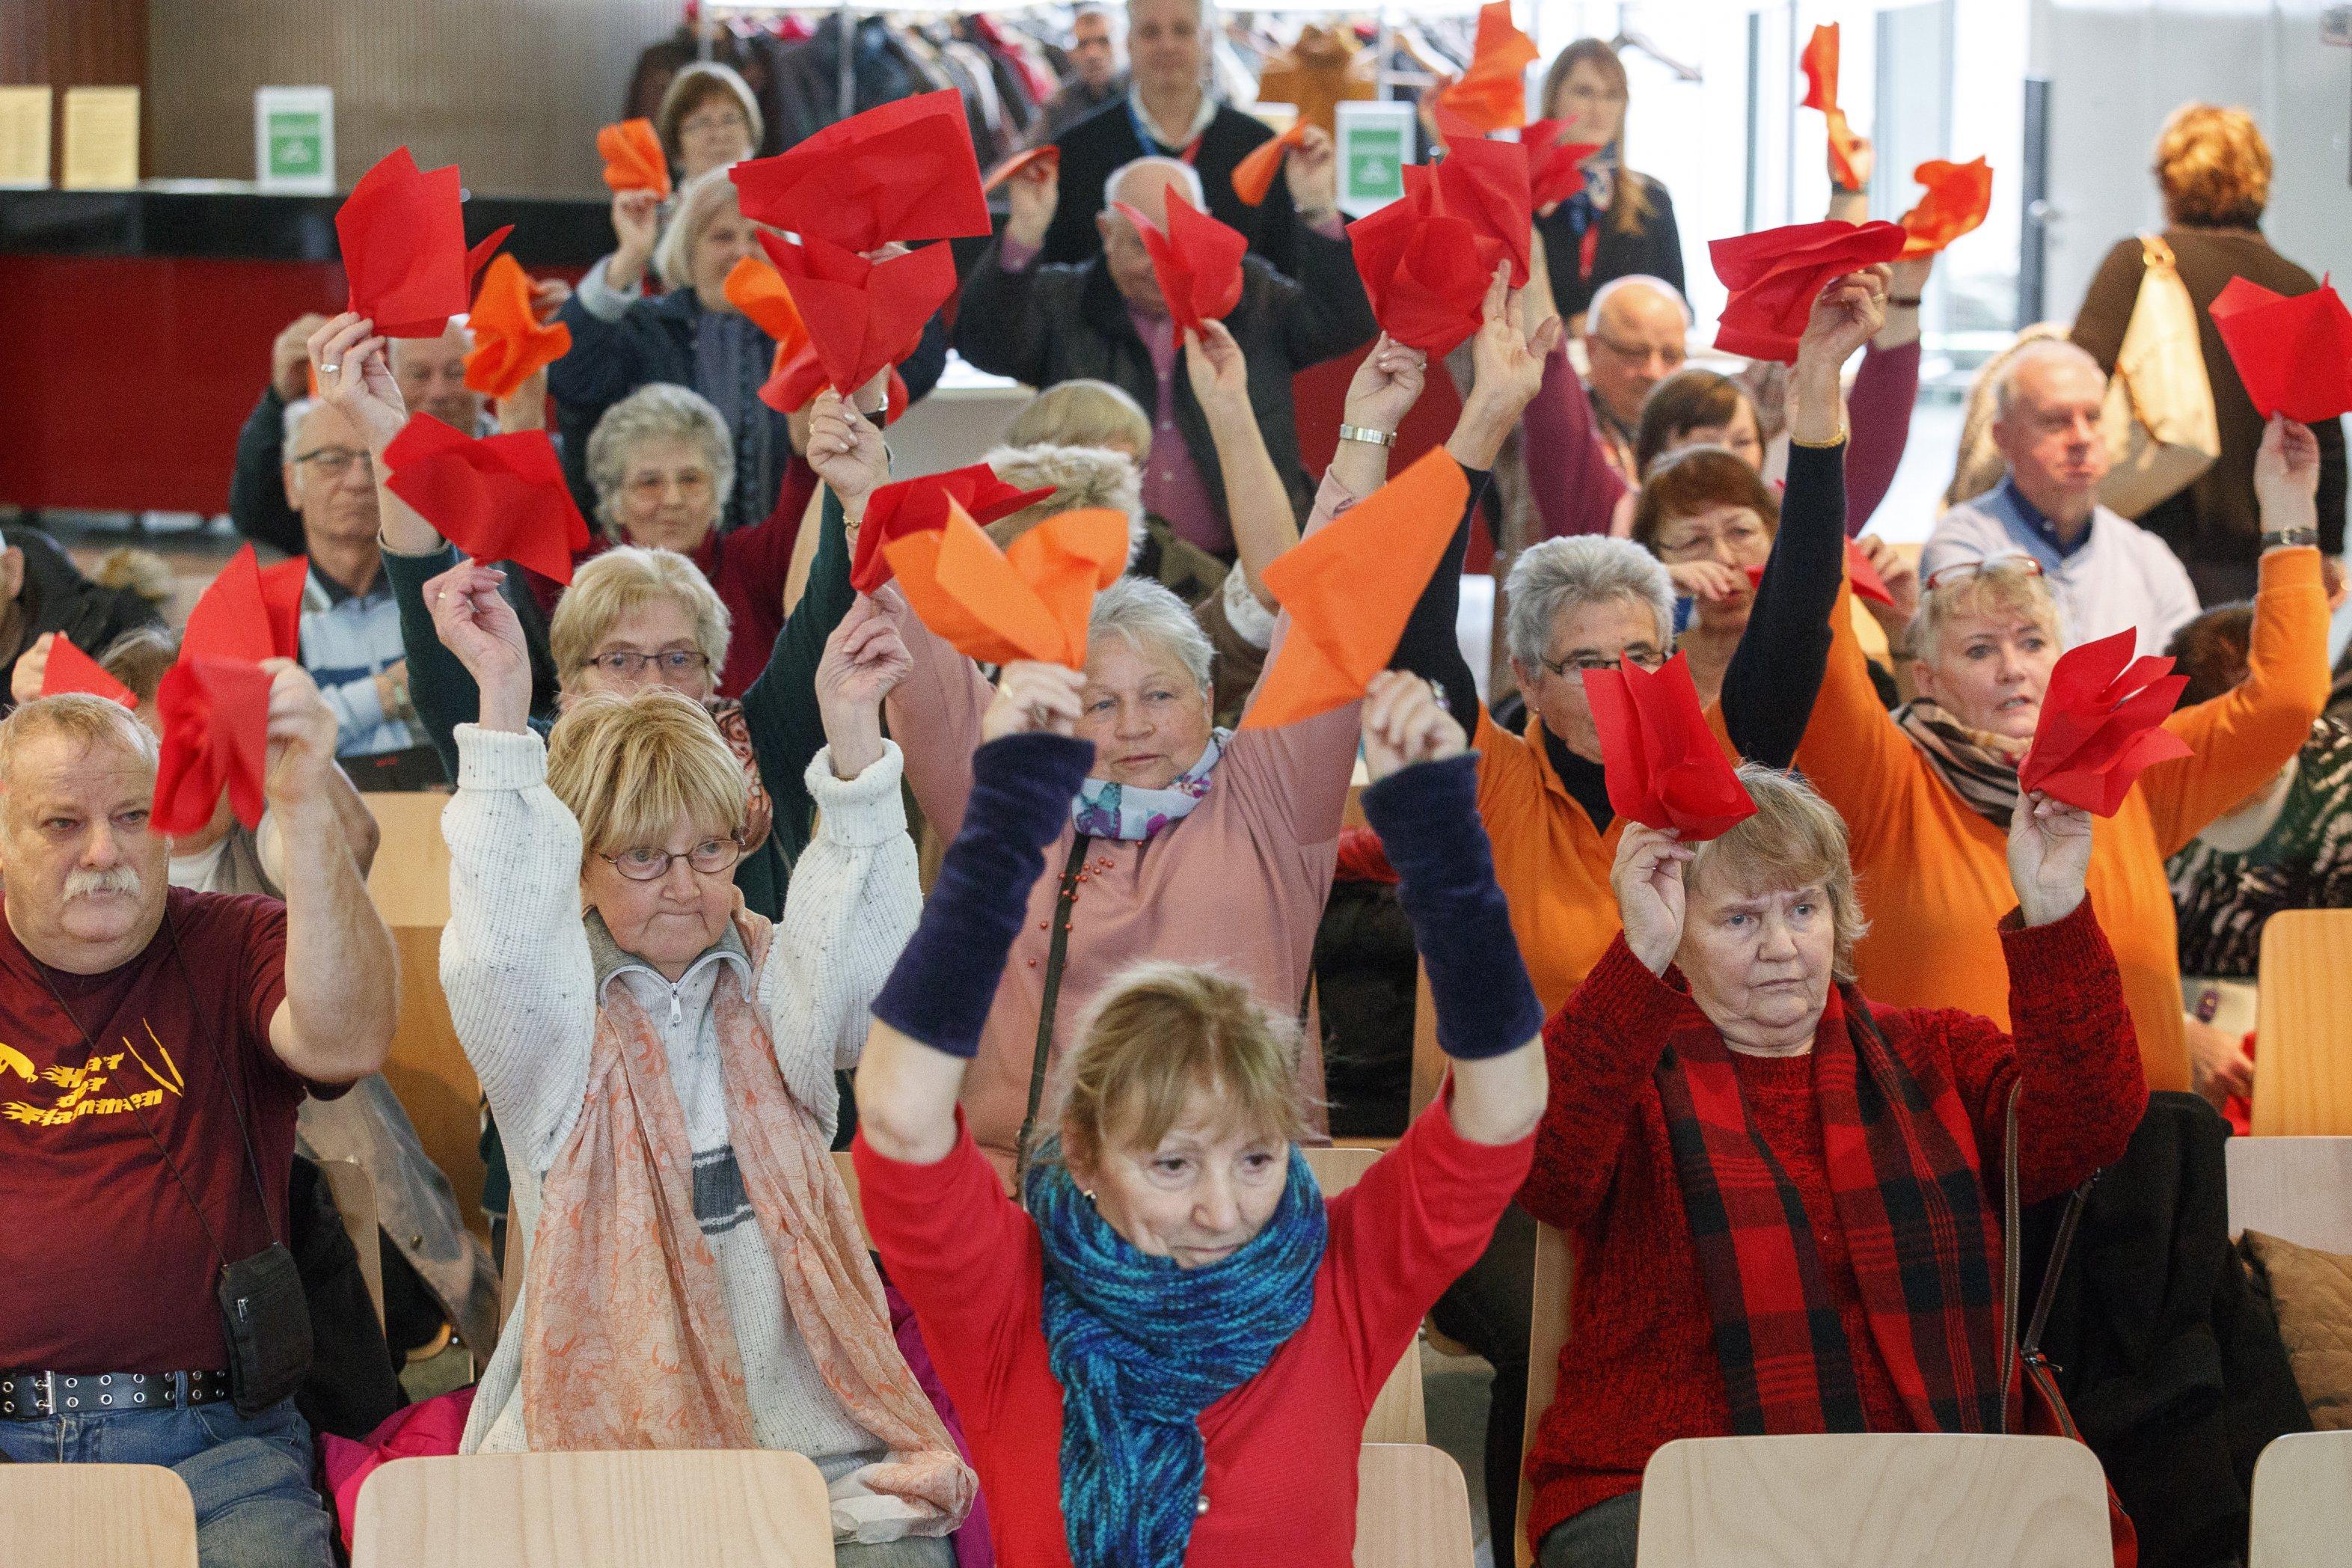 Seniorentanz zum Mitmachen beim Weltdiabetestag 2017